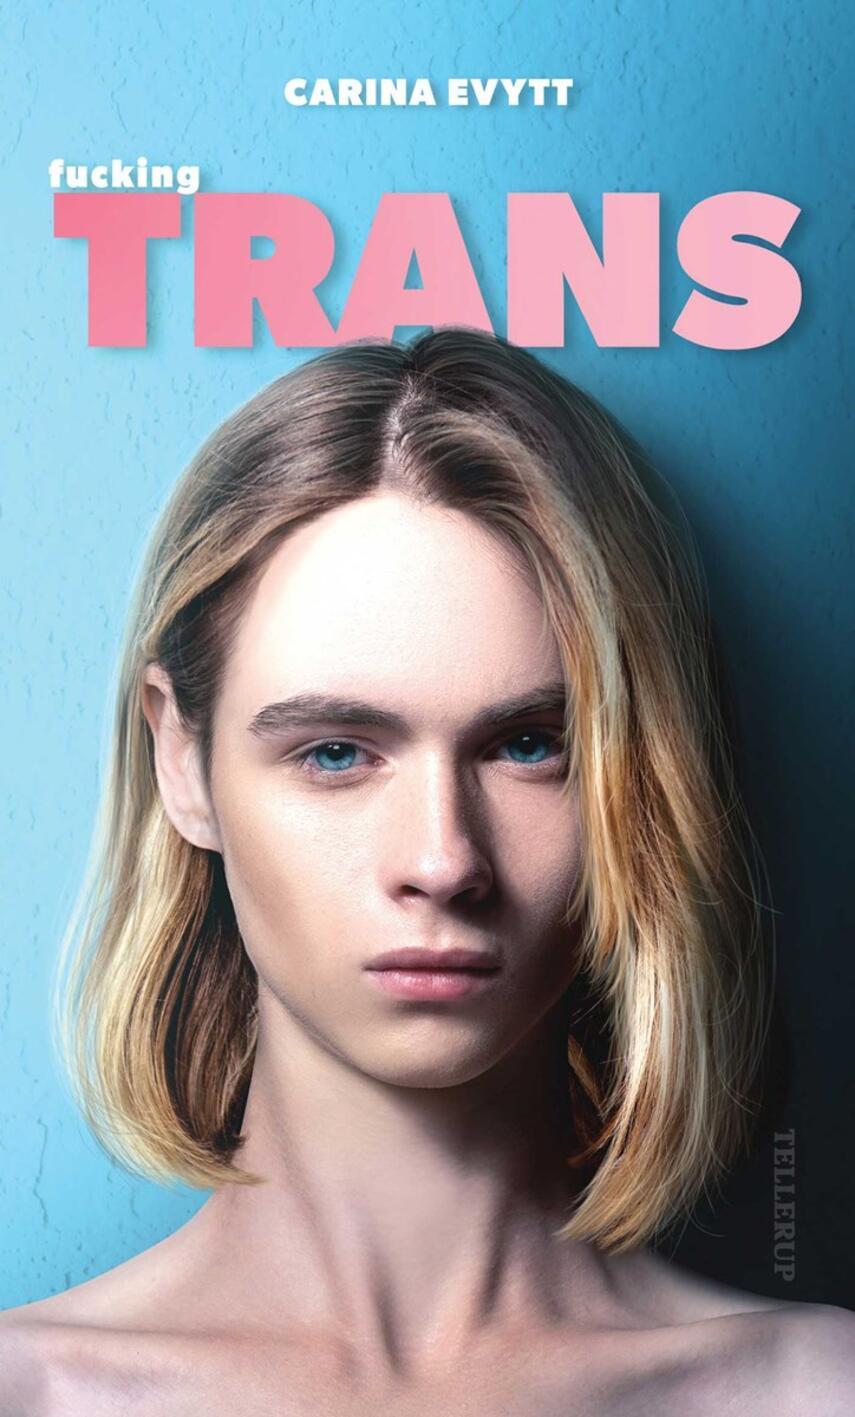 Carina Evytt: Fucking trans